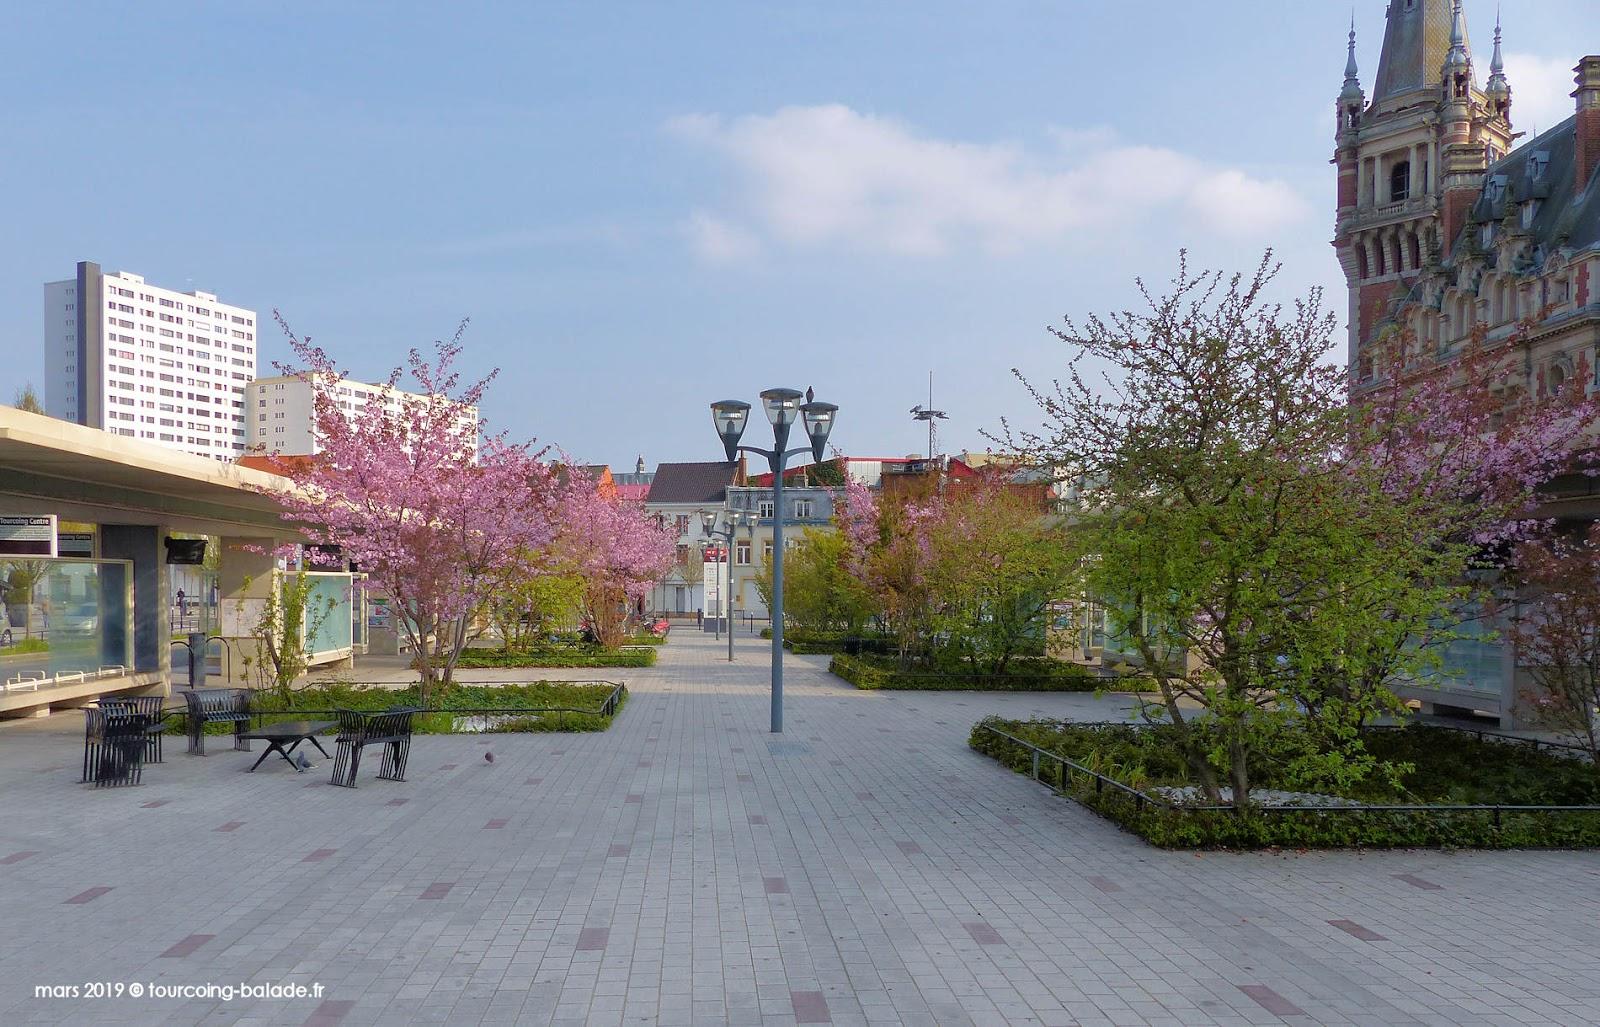 Carrés végétaux, Place Roussel, Tourcoing 2019